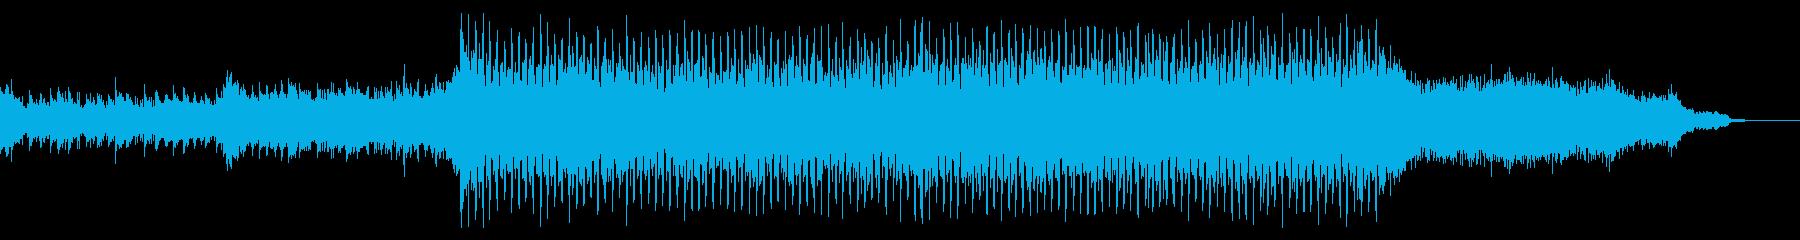 幸せな雰囲気な明るいポップスの再生済みの波形